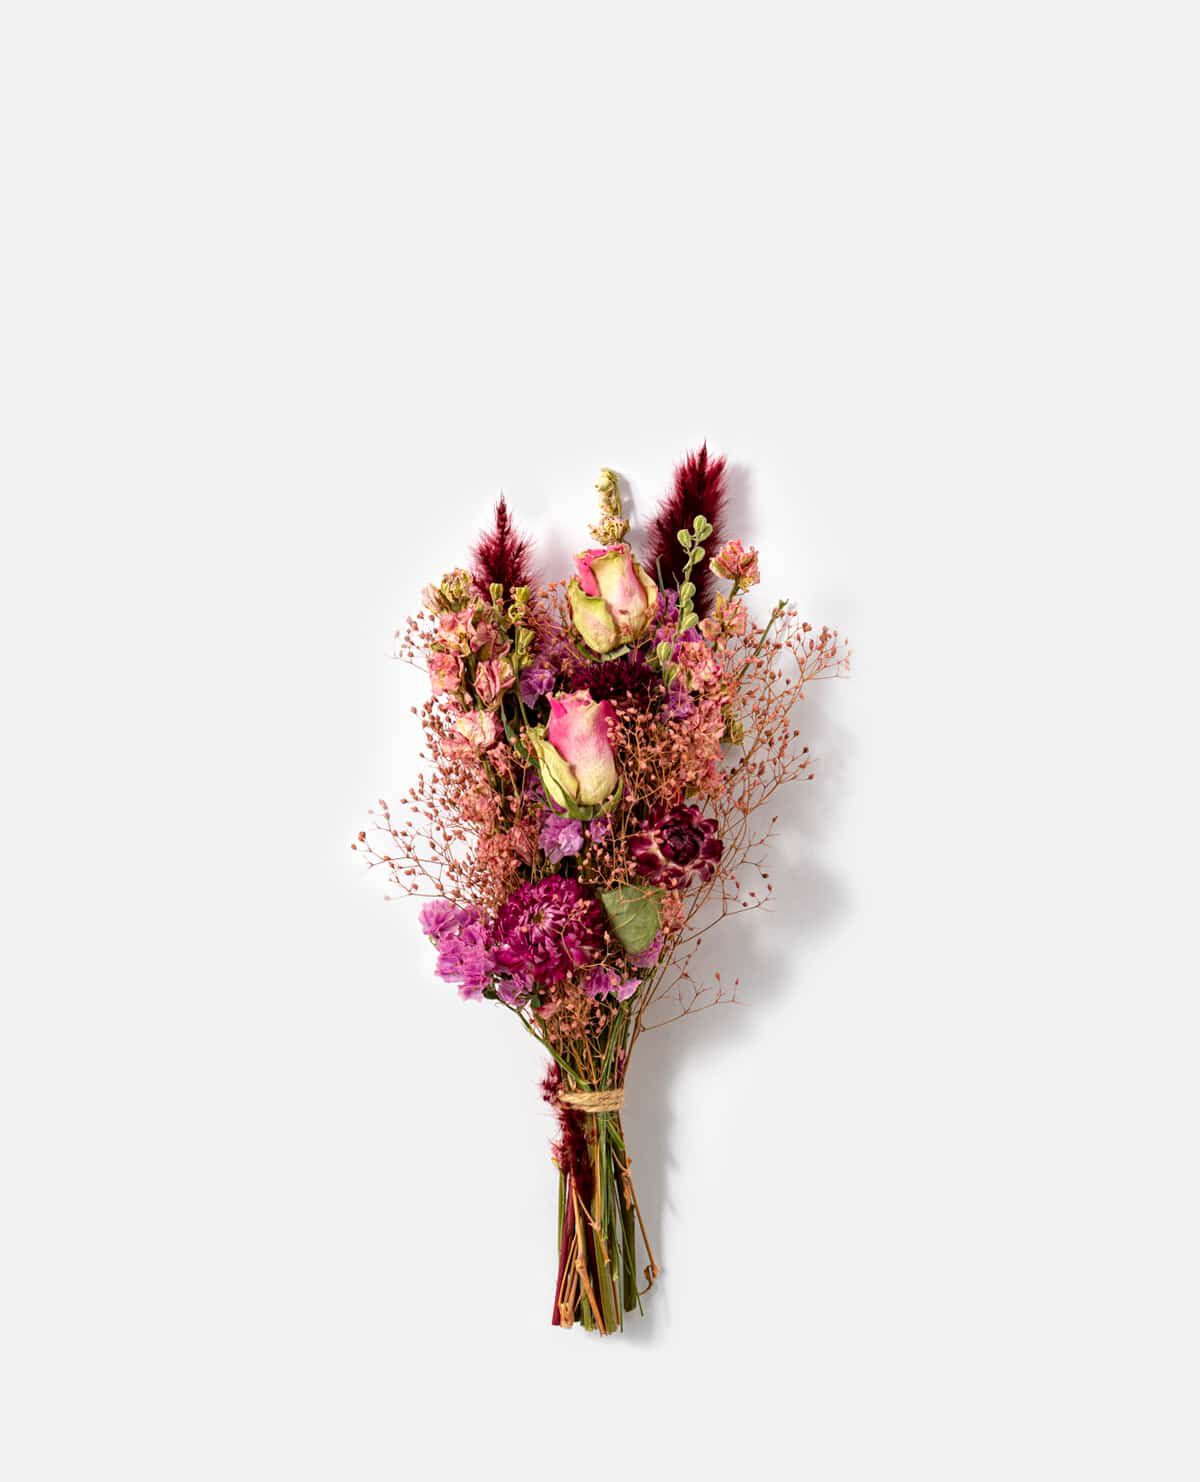 濃いピンク系ミニスワッグ(花材おまかせ)【5/7(金)~9(日)届け ※日付指定不可】